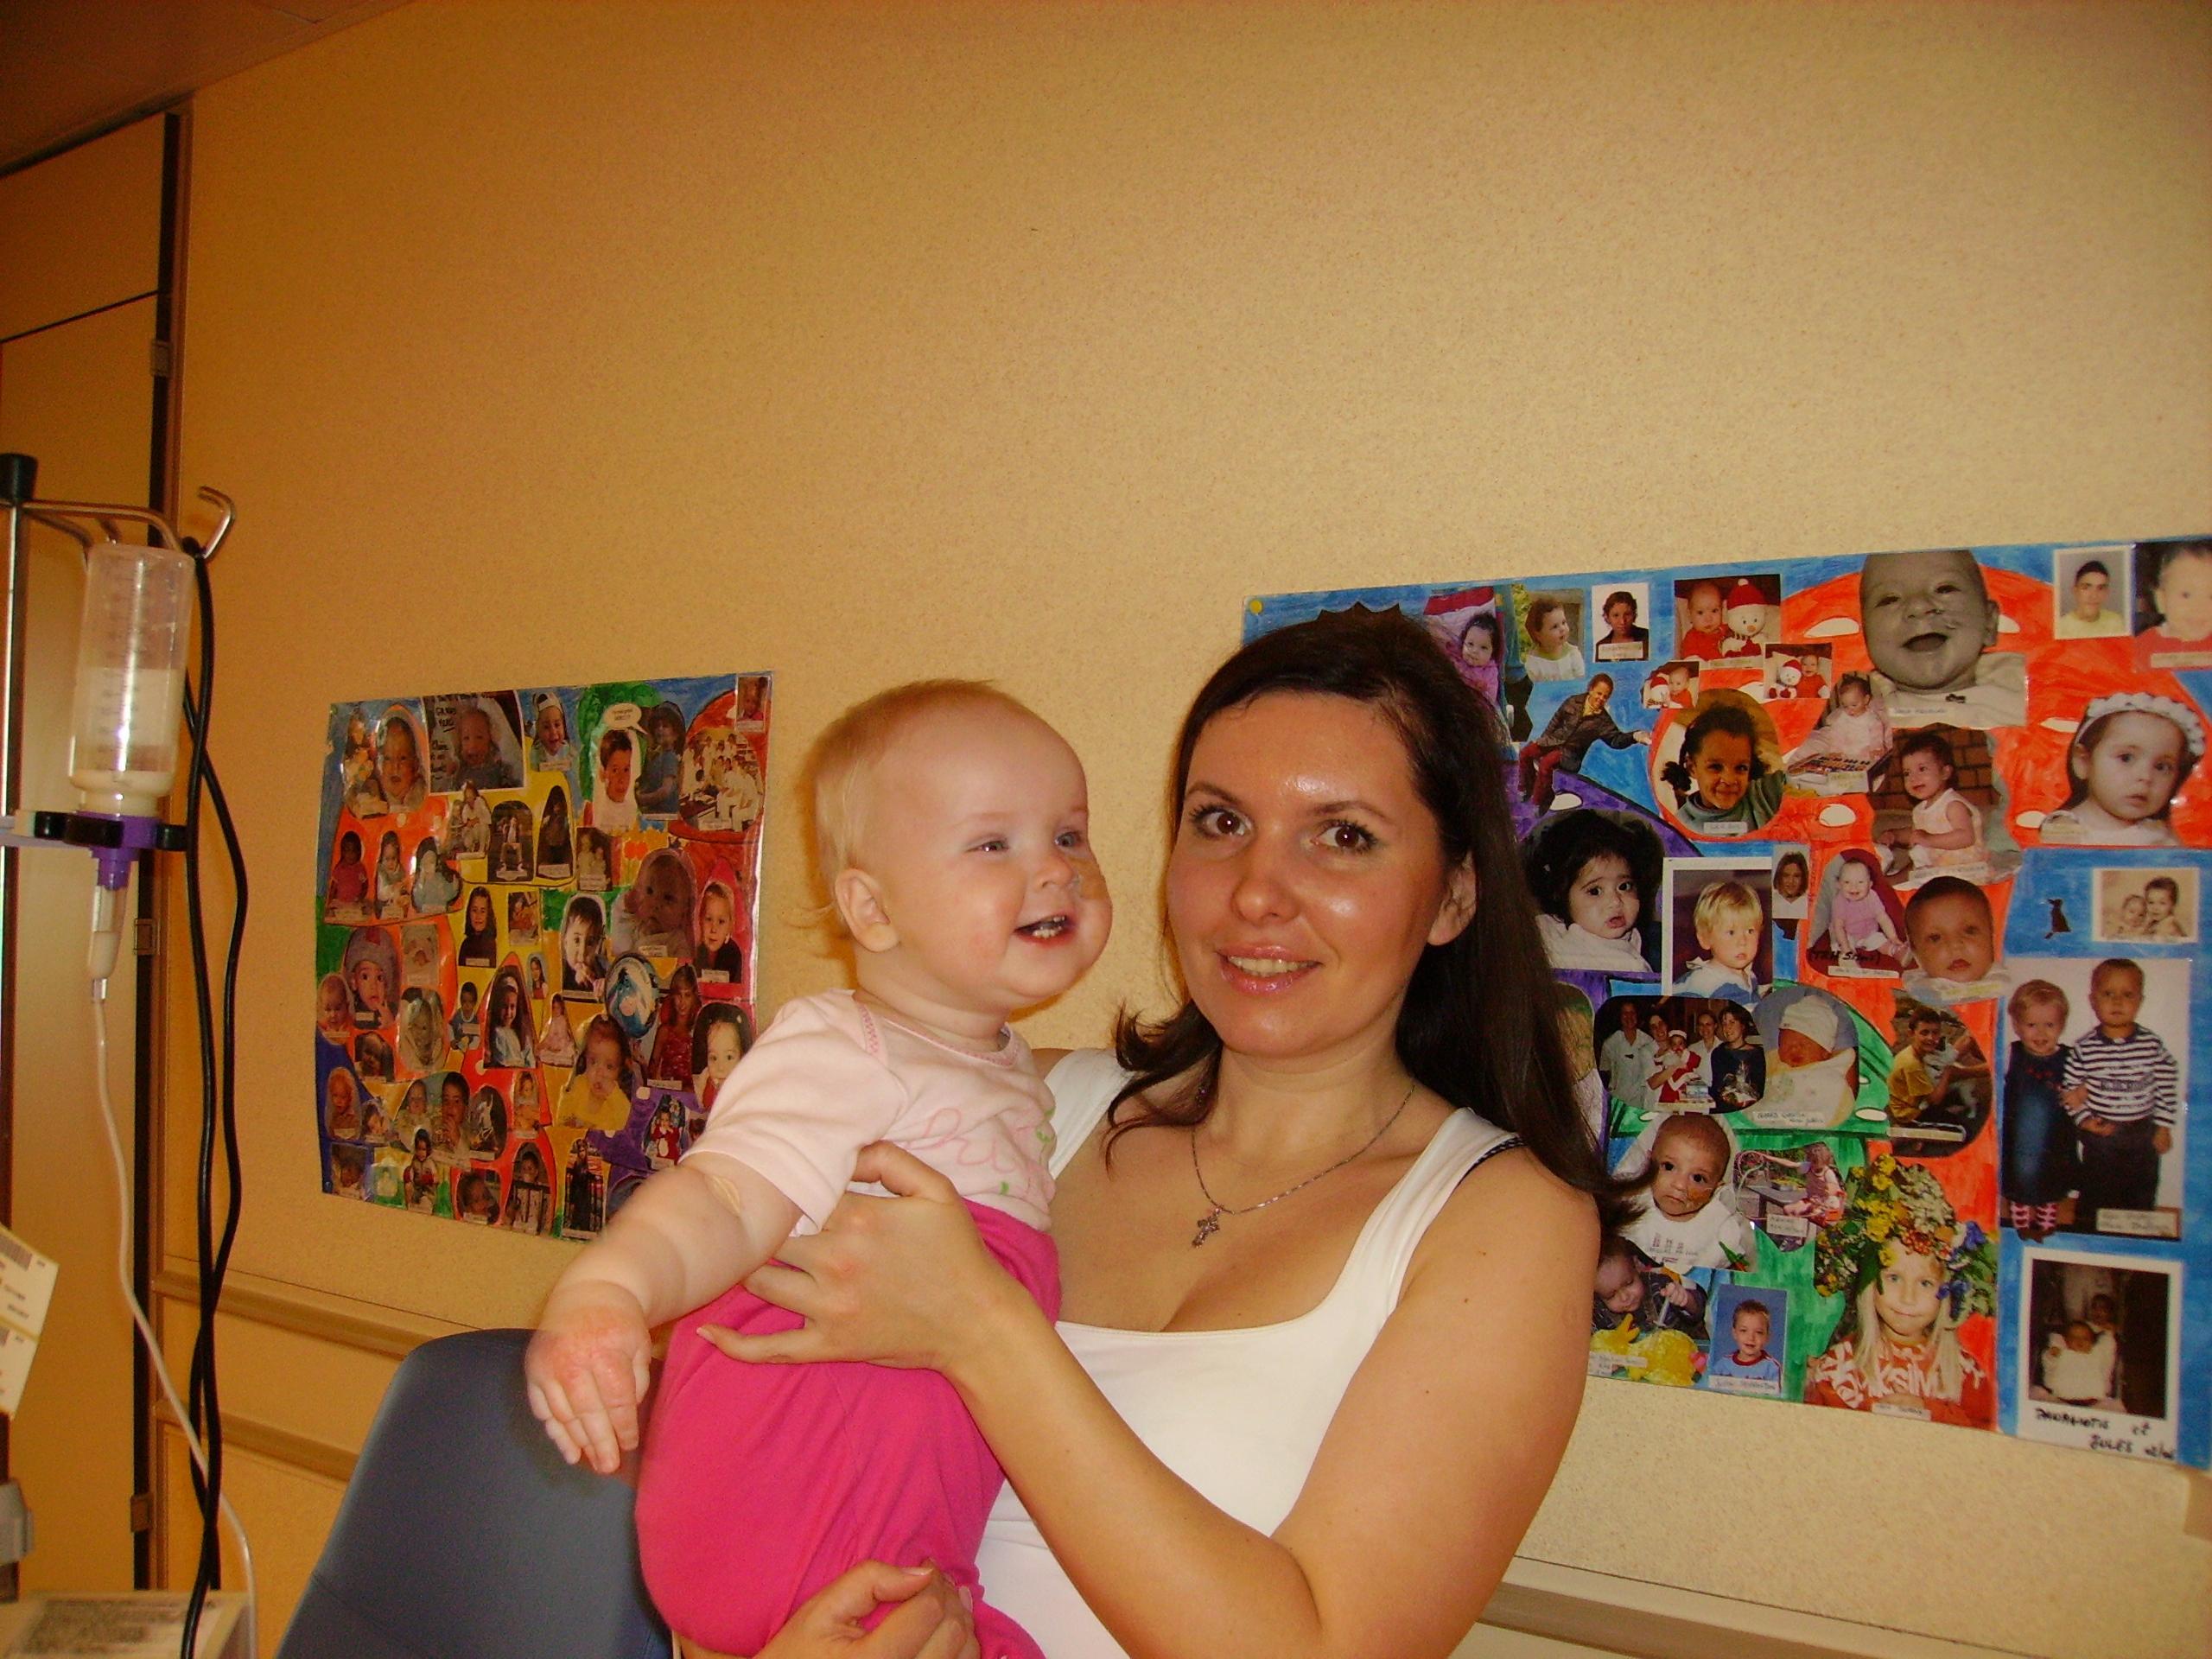 Смотреть бесплатно тихо дочка мама ничего не узнает 10 фотография